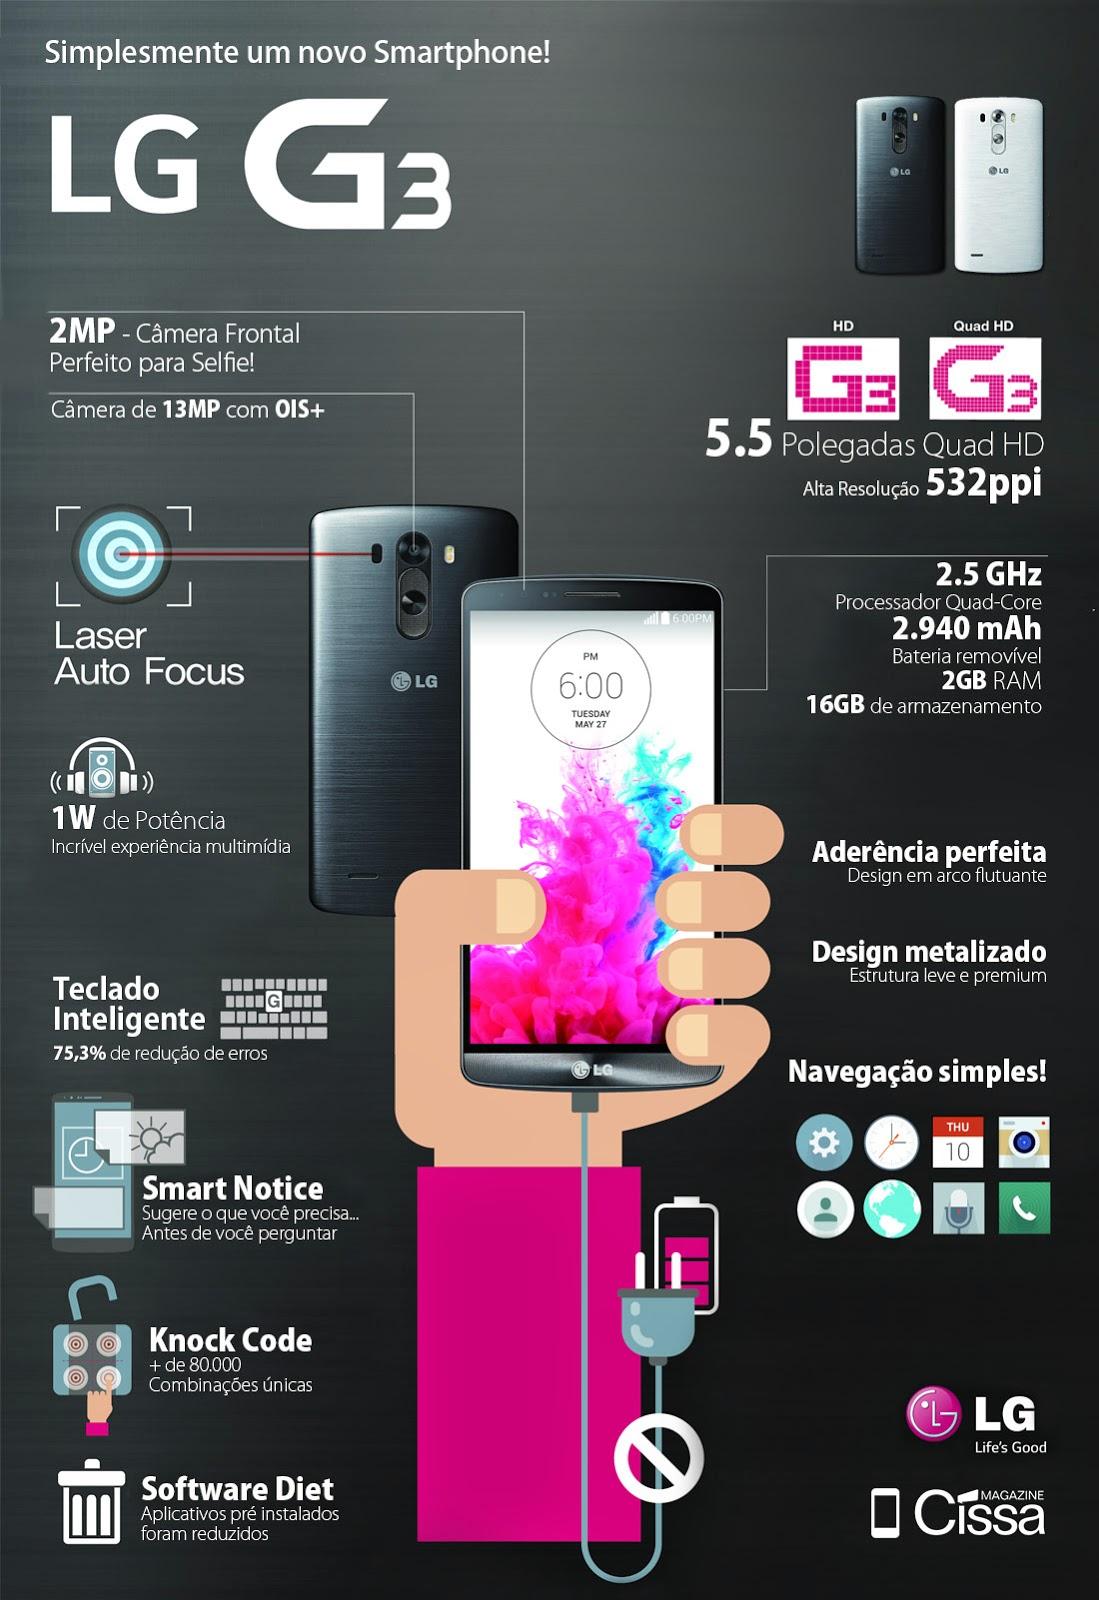 Infográfico - Tudo sobre o LG G3